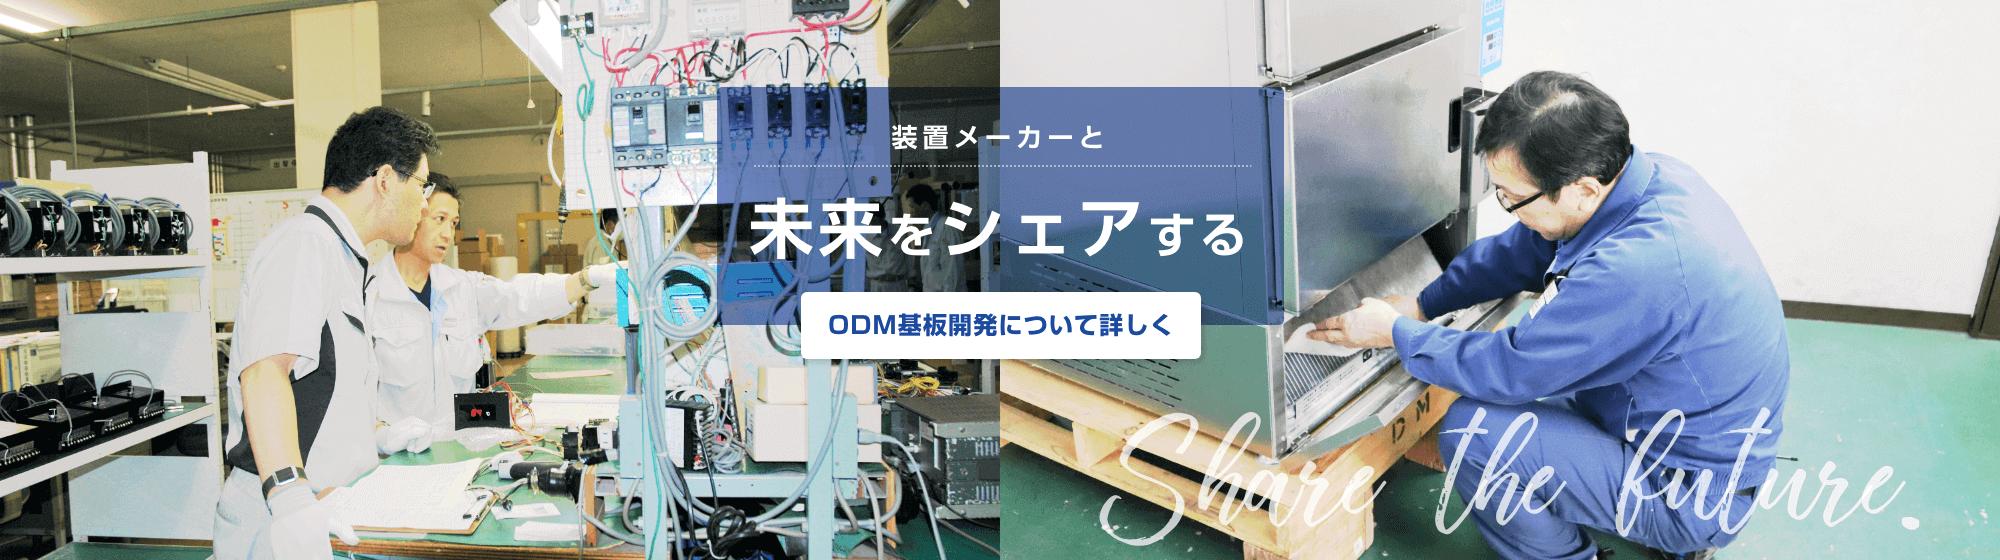 商品開発の方と未来をシェアする ODM基板開発について詳しく